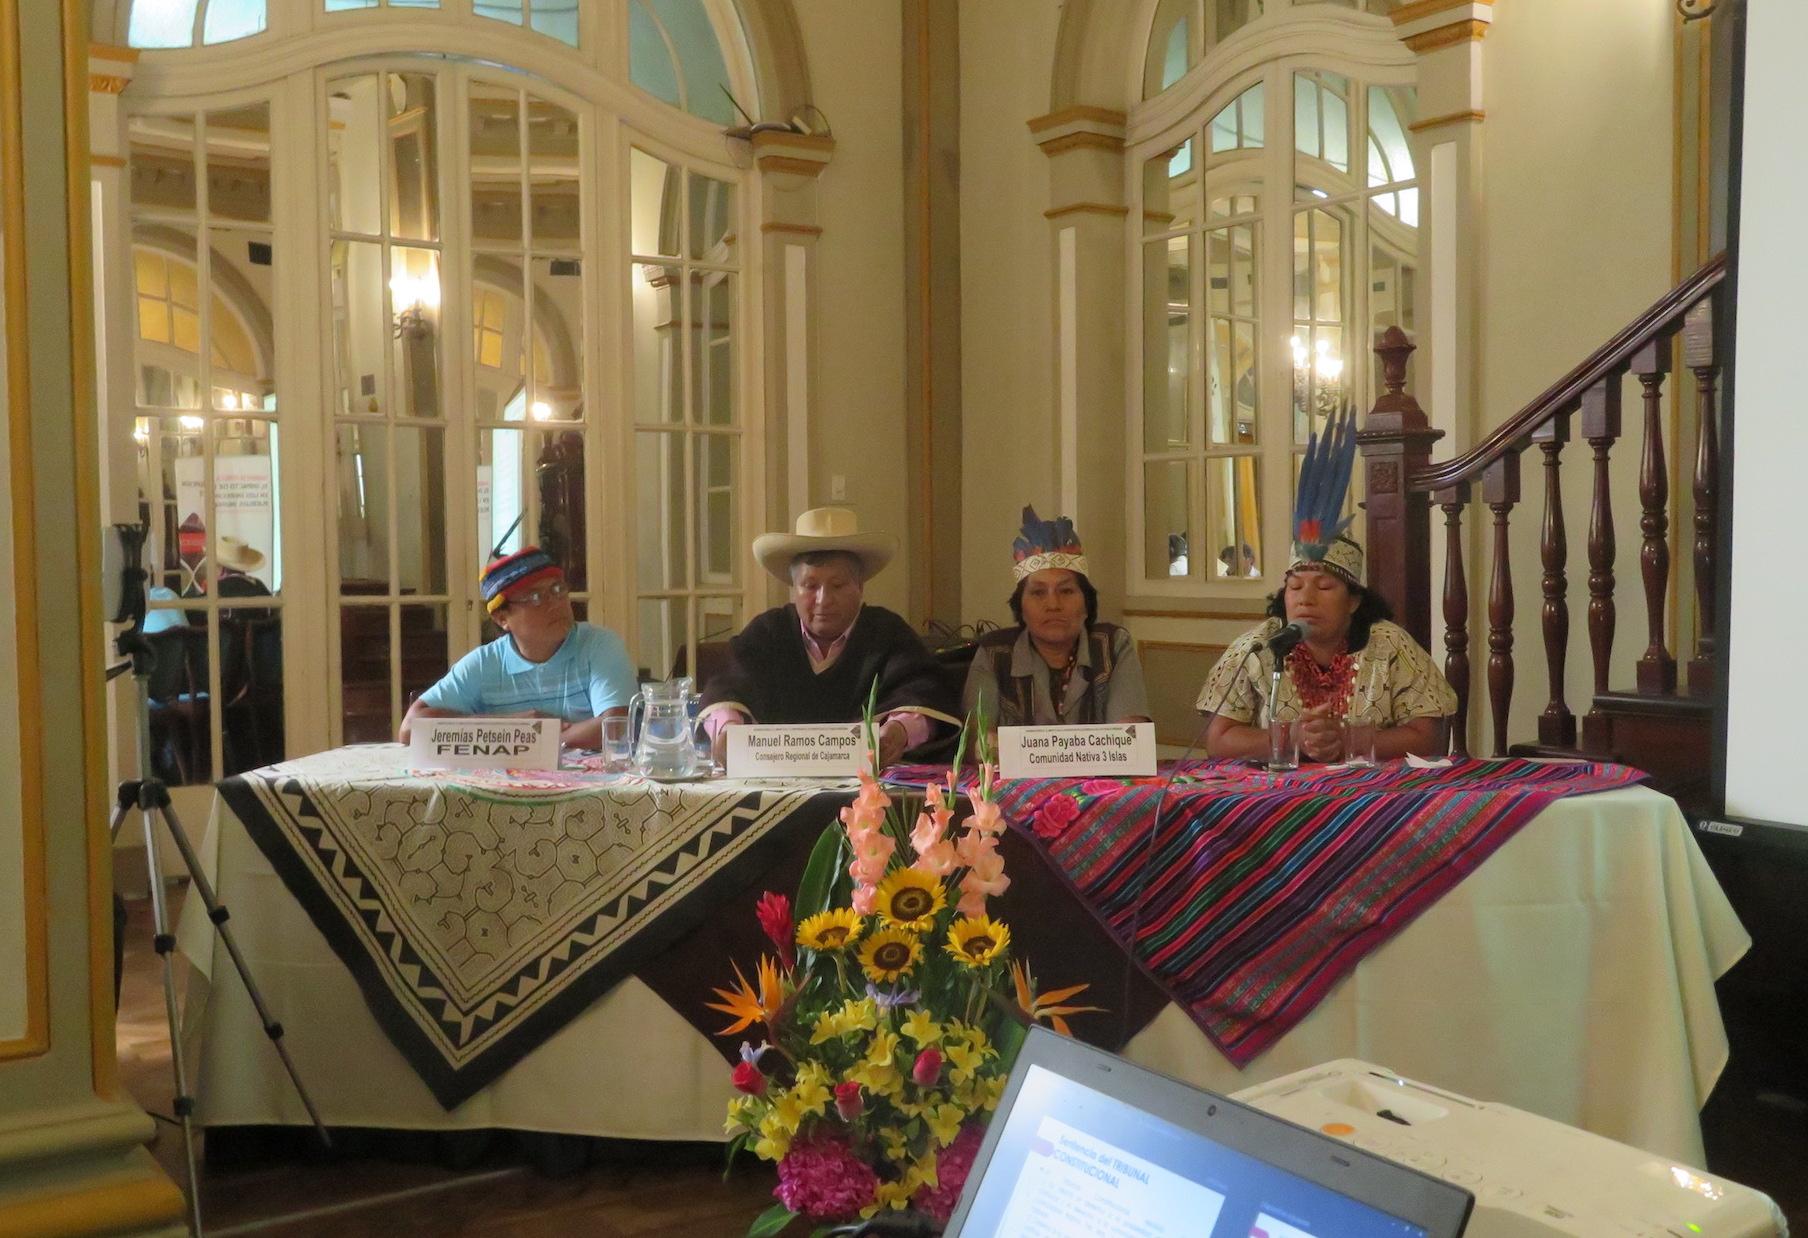 Representantes de las comunidades indígenas y campesinas exponen sobre actividades extractivas que afectan sus territorios. Foto: Yvette Sierra Praeli.